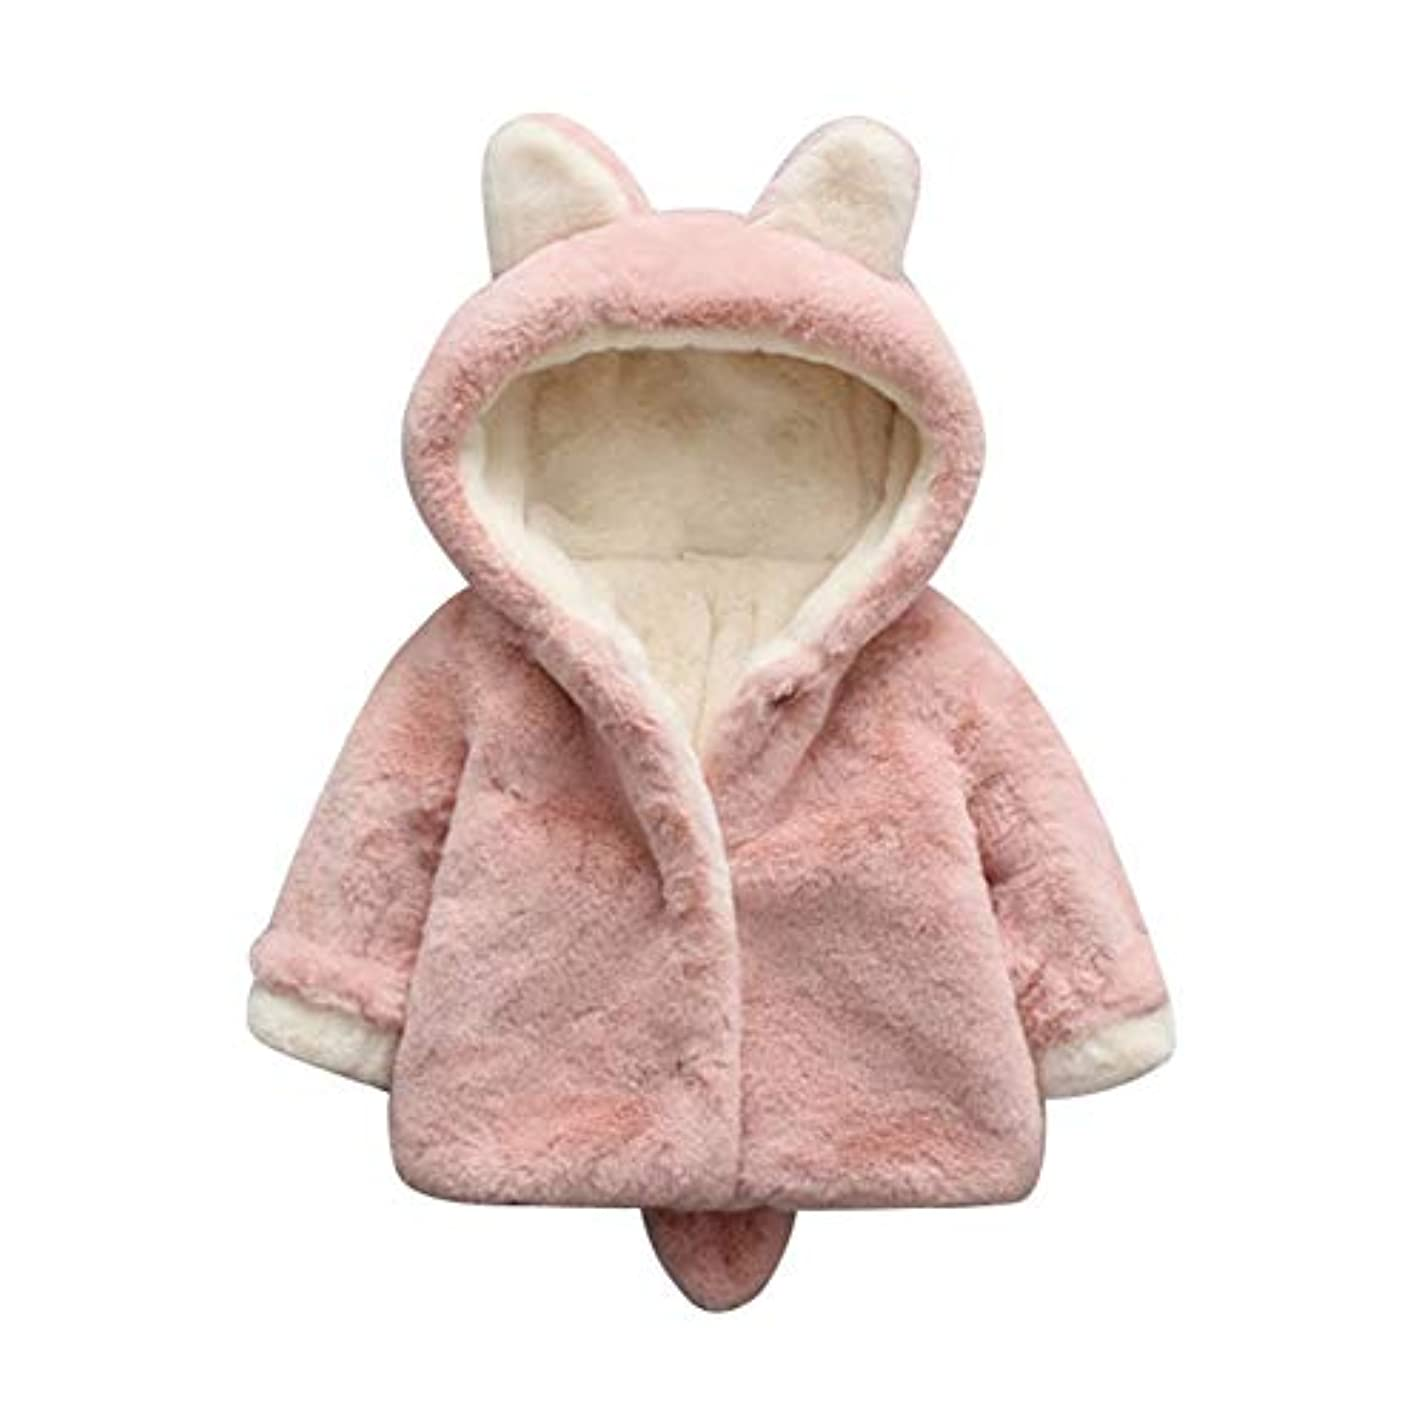 ベーリング海峡延期する賠償Mornyray ベビー服 コート ジャケット アウターウエア ショート丈 もこもこ 起毛 フードうき 厚手 防寒 保温 冬 女の子 幼児 1-5歳 size 110 (ピンク)